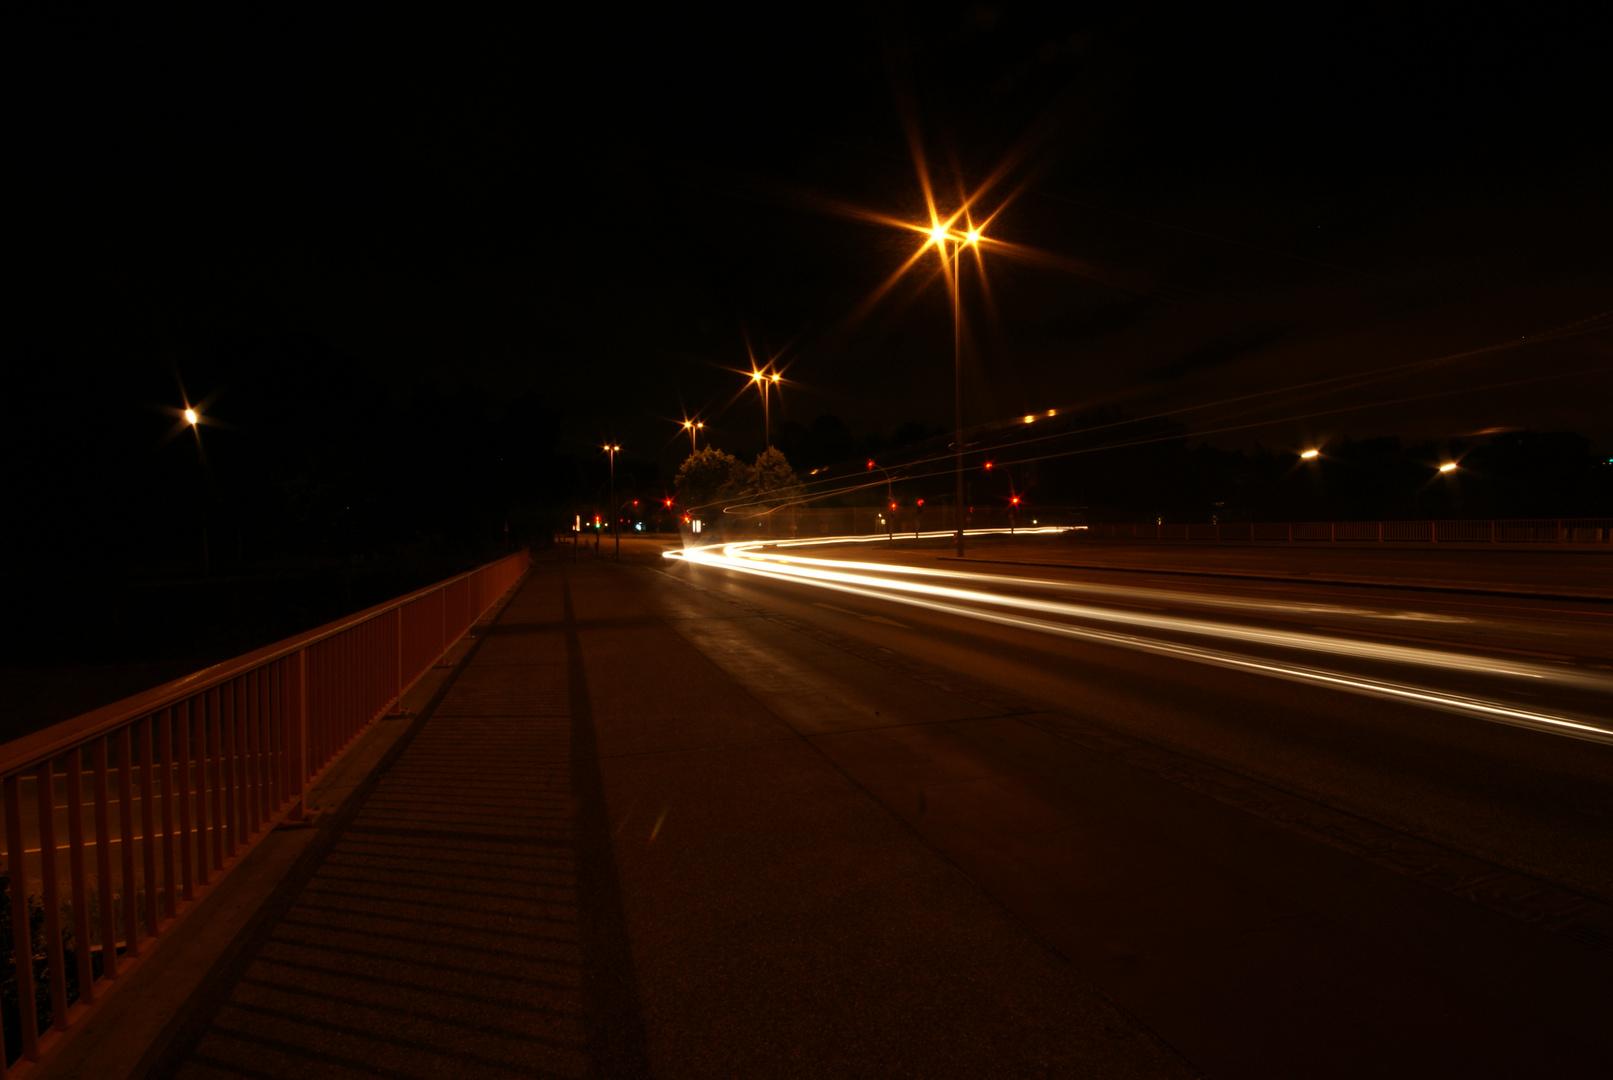 Hamburg at night 2